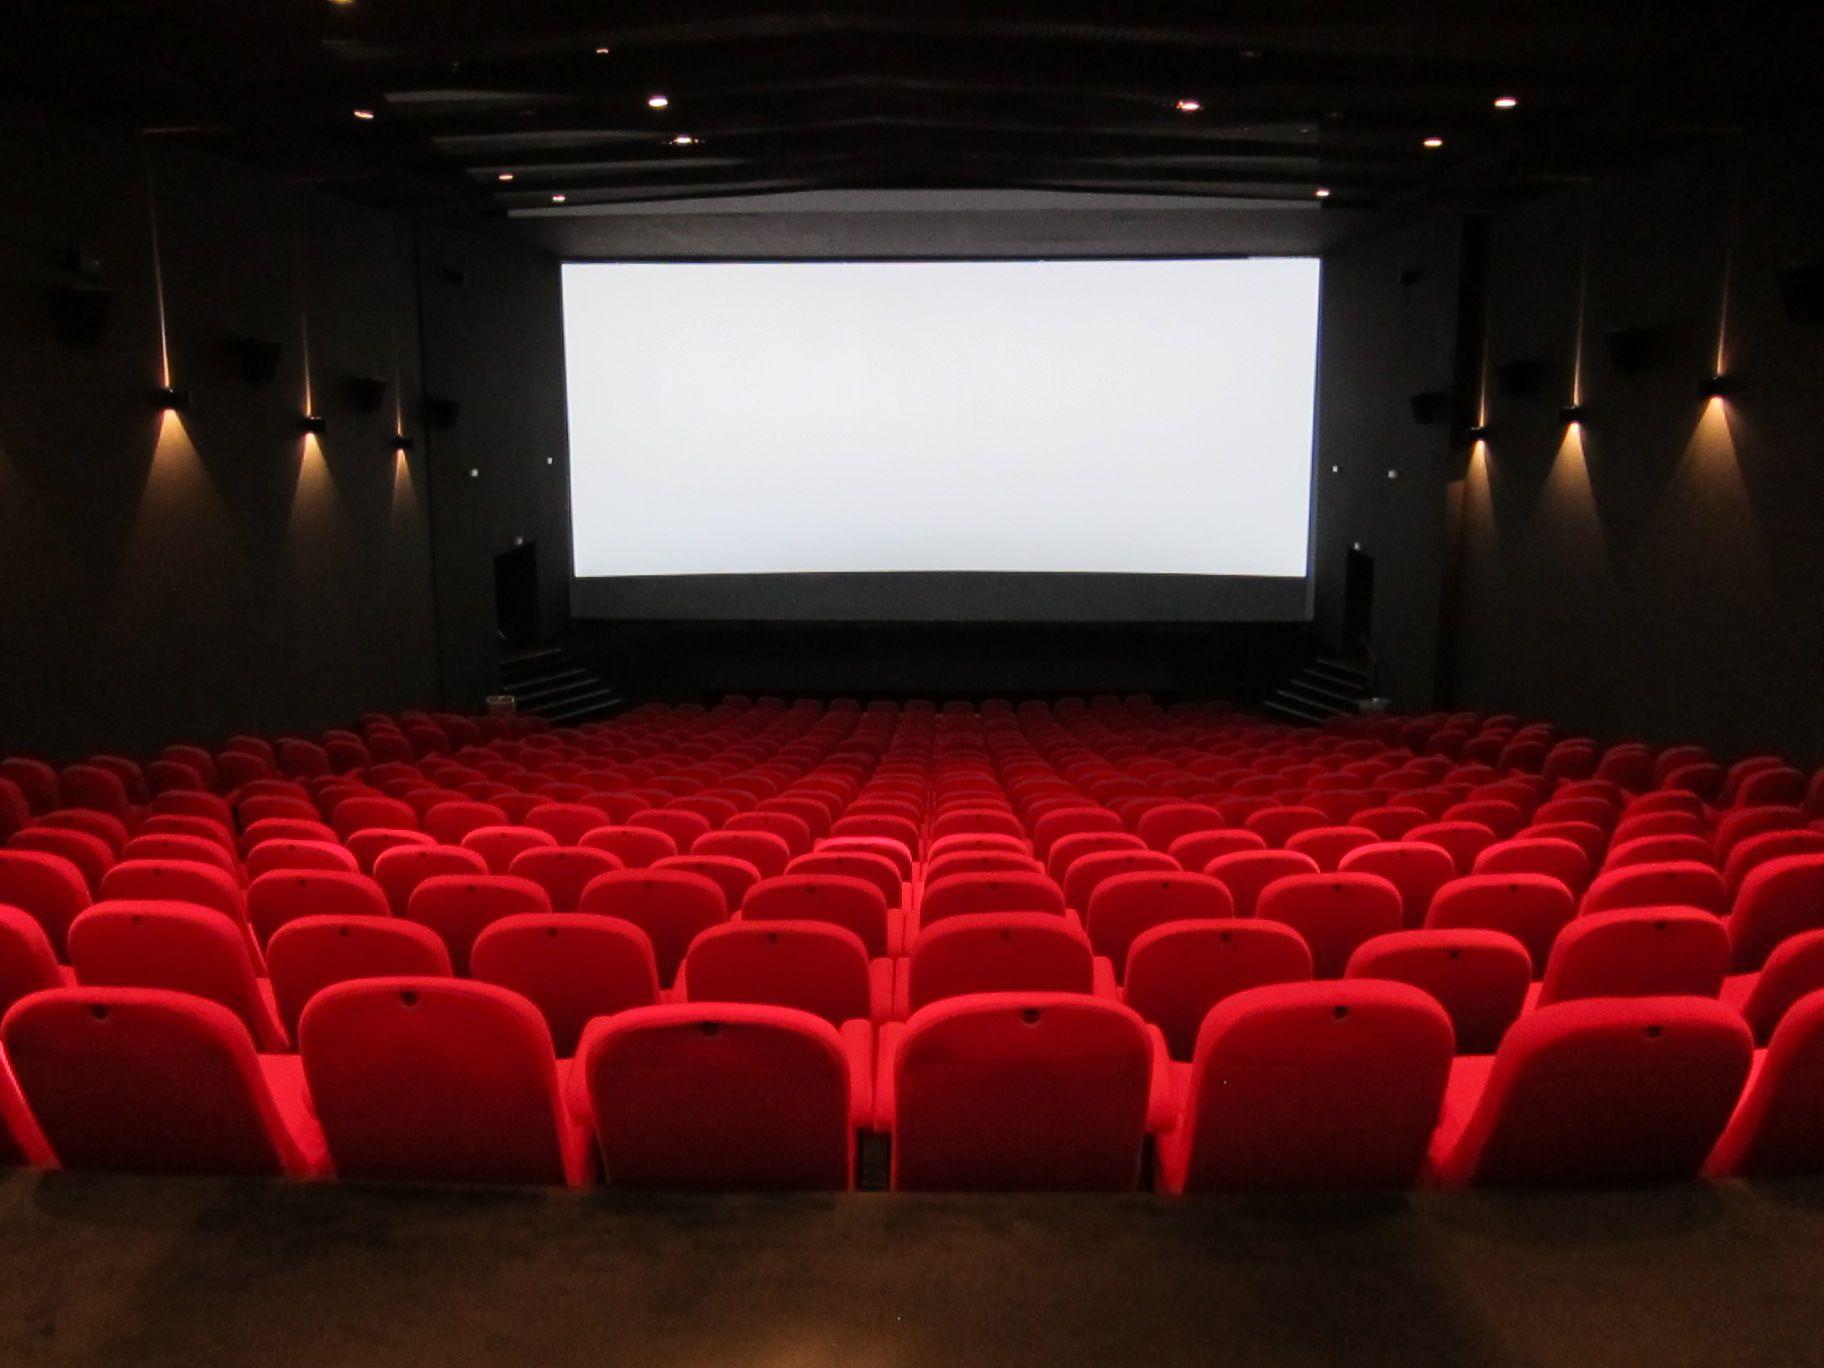 """11,1 milliards de dollars pour le box-office américain en 2015 : et si le """"soft power"""" hollywoodien était pourtant en passe de s'incliner devant la puissance du cinéma chinois ?"""